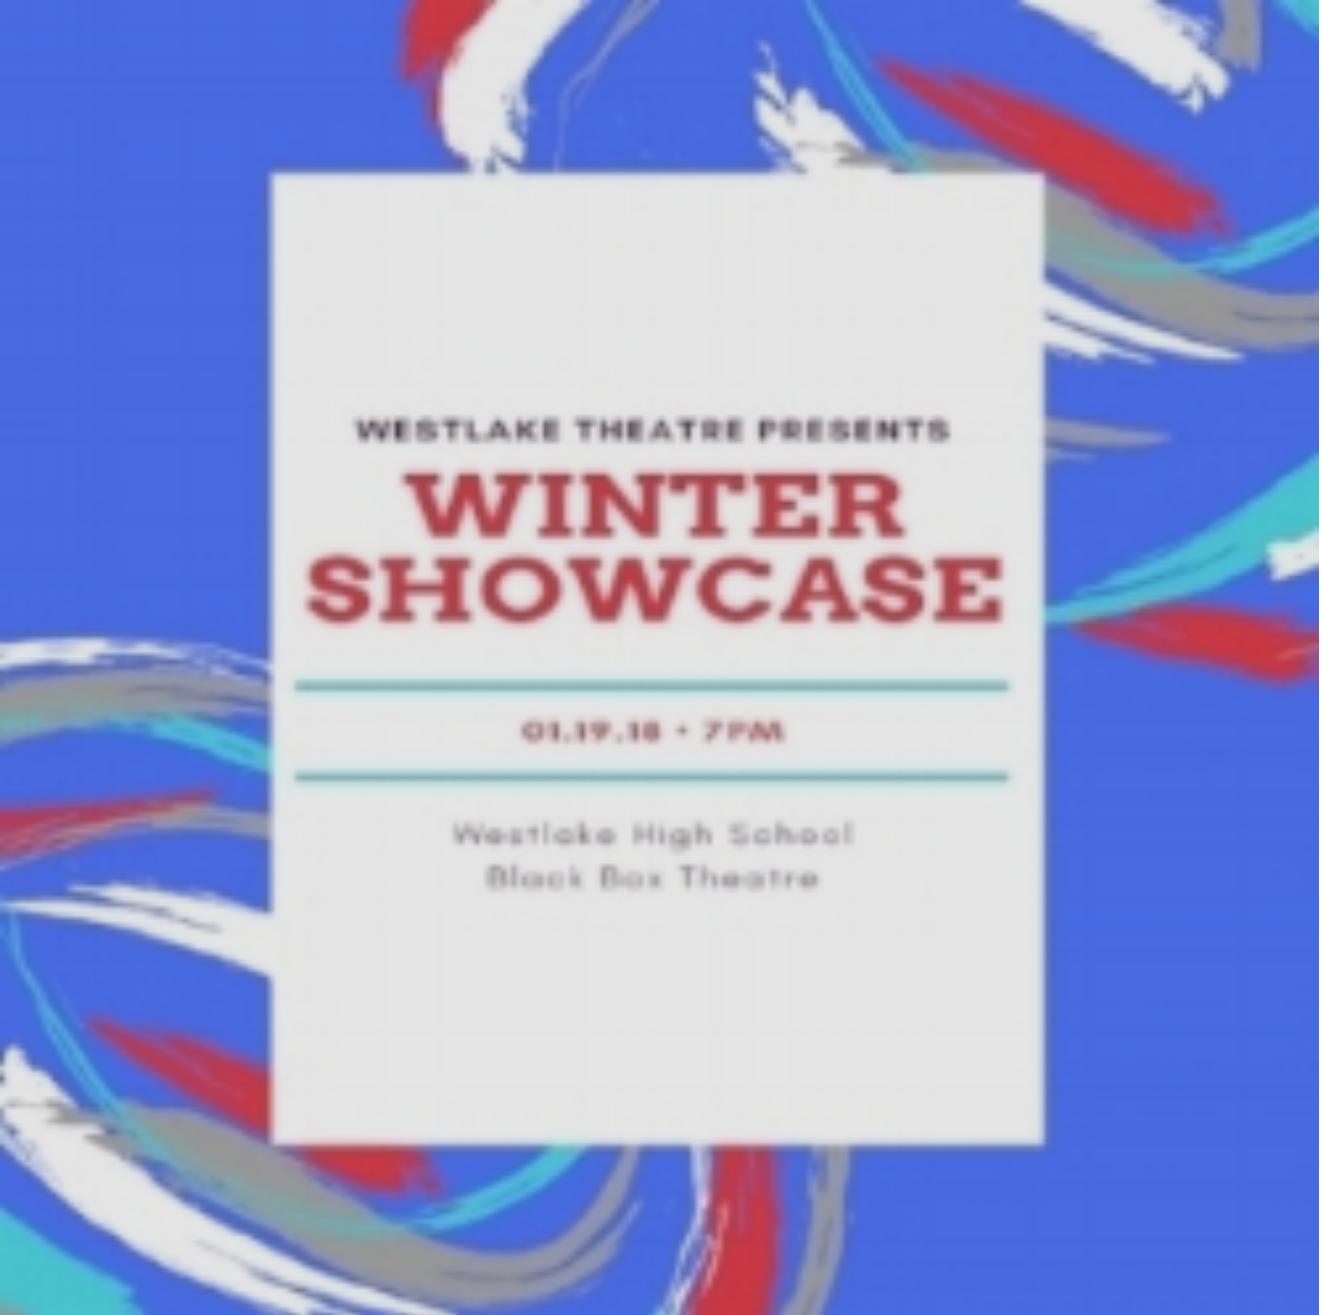 wintershowcase18.png